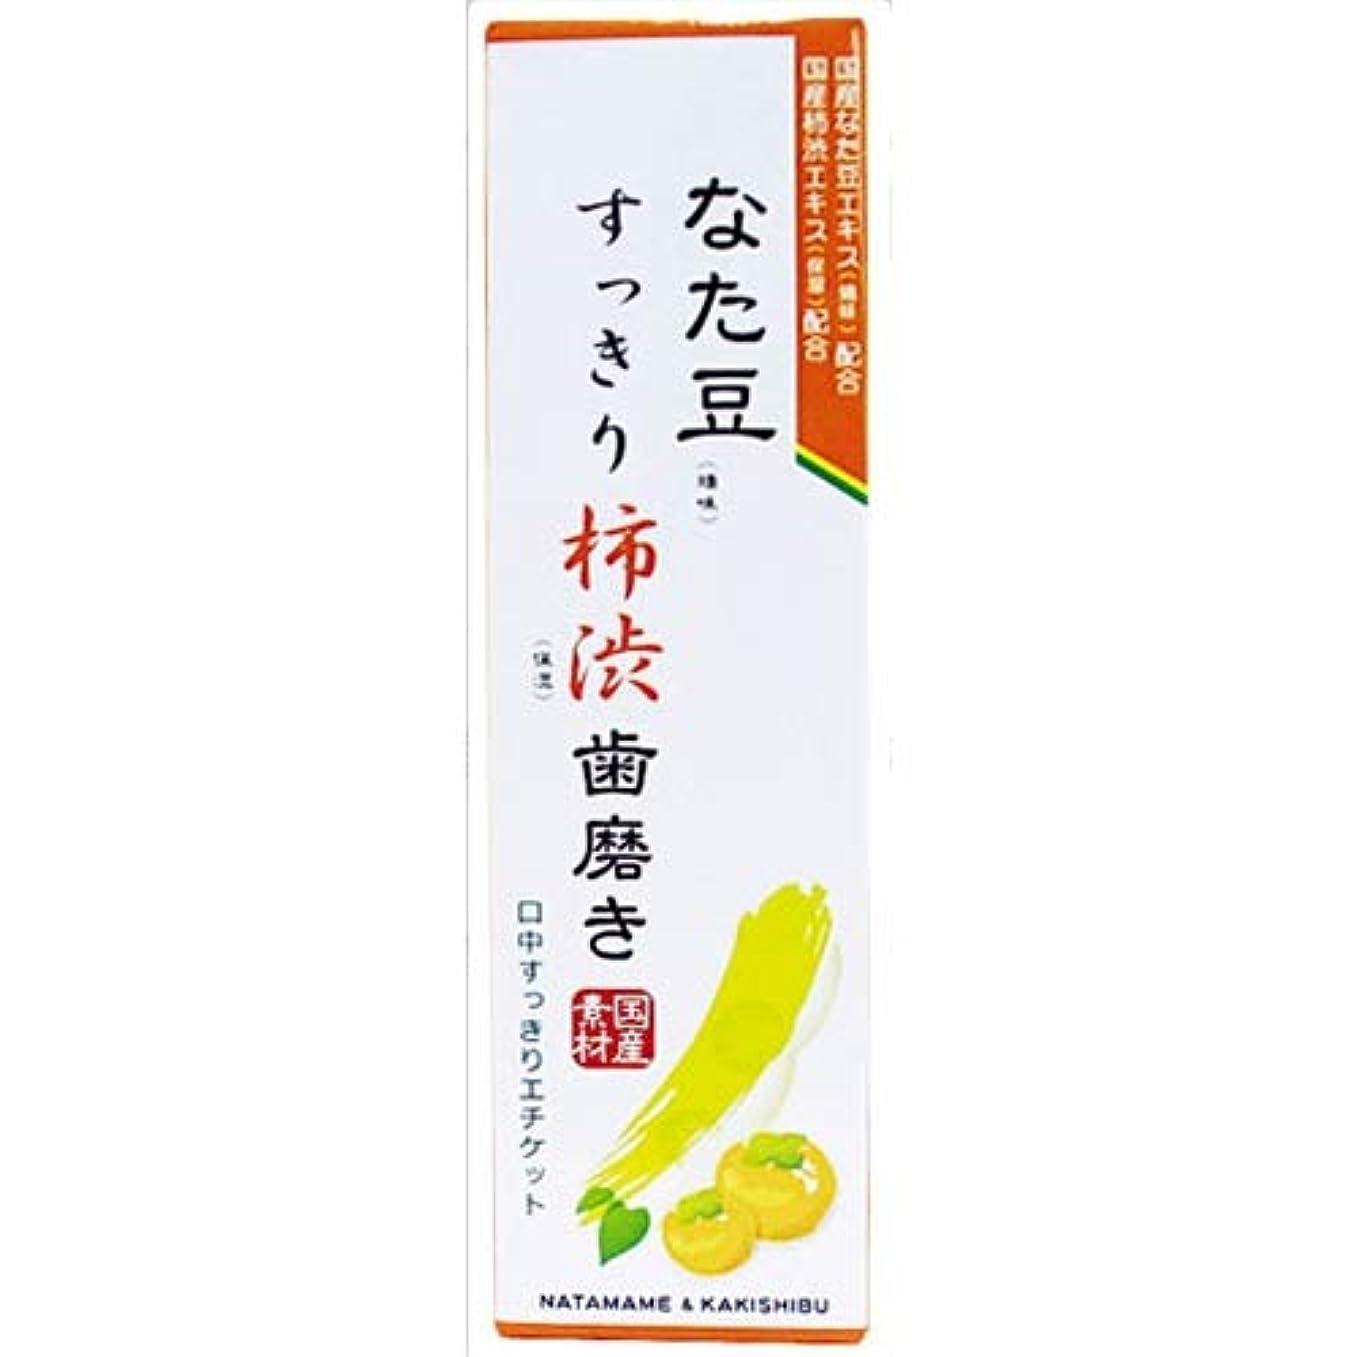 人柄満員鎮痛剤なた豆(矯味)すっきり柿渋(保湿)歯磨き粉 × 16個セット